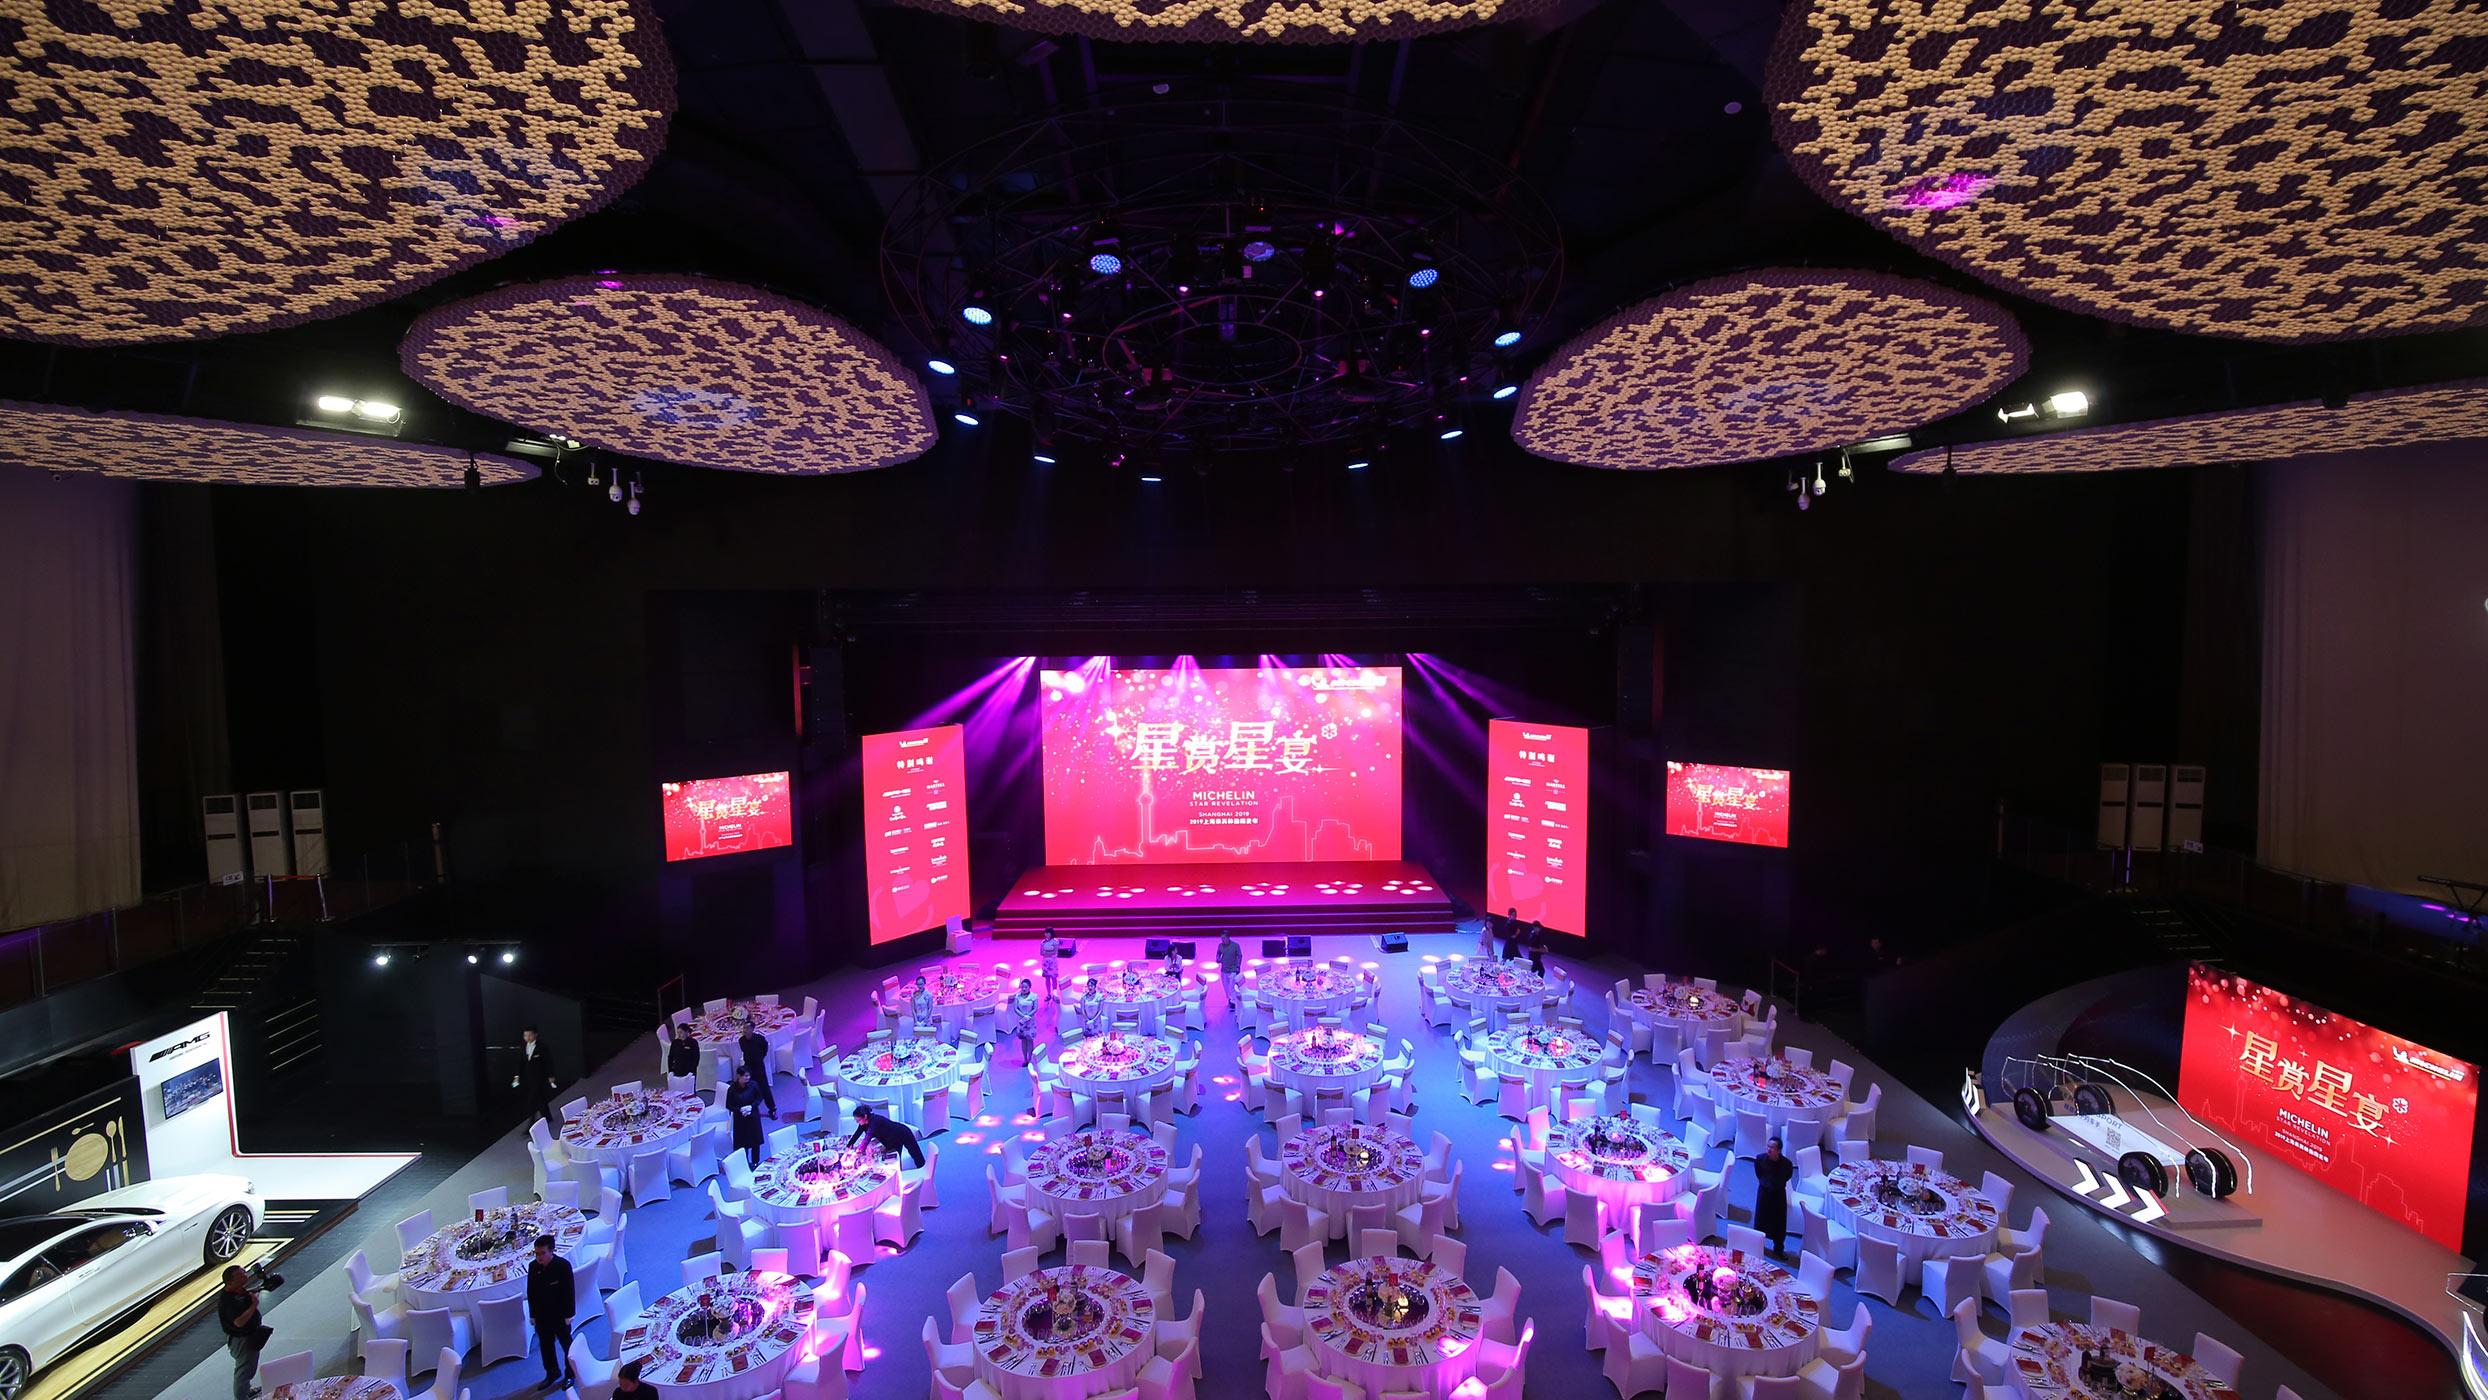 https://cdn.jumeirah.com/-/mediadh/DH/Hospitality/Jumeirah/Occasion/Shanghai/Daguan-Theatre/DaGuan-Theatre_Jumeirah-Himalayas-Hotel-Shanghai-1_16-9.jpg?h=1400&w=2488&hash=23F4A374A7C04D702441489514F8B8B4